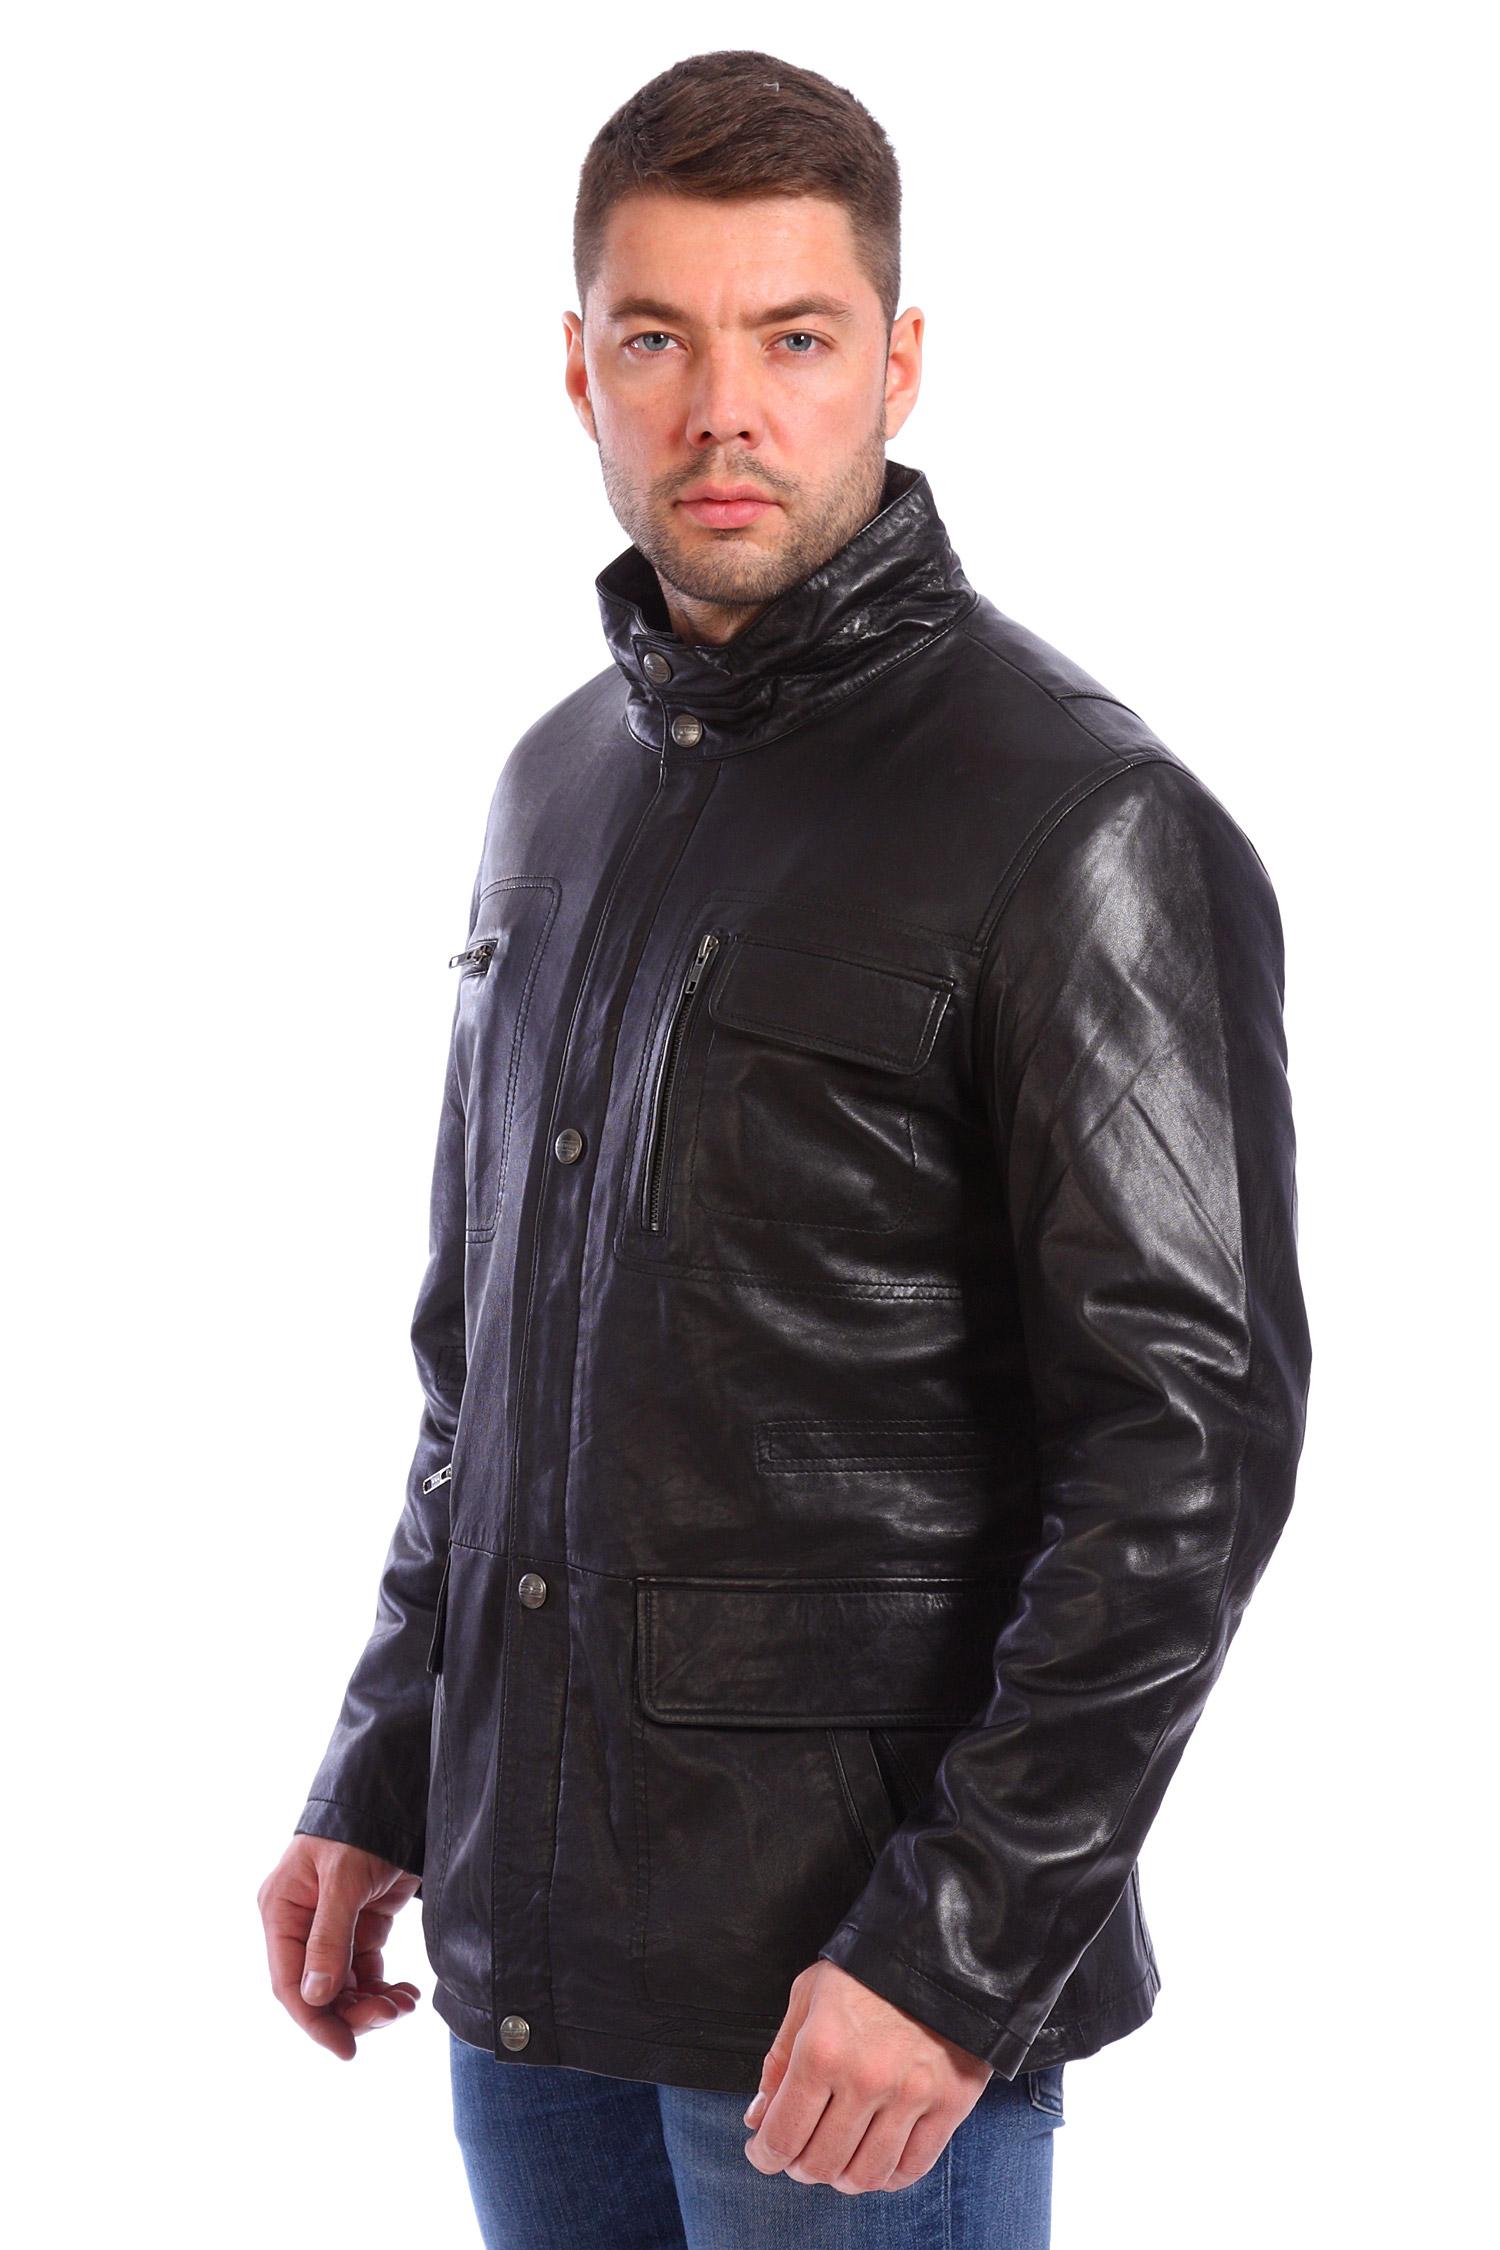 Мужская кожаная куртка из натуральной кожи утепленнаяКуртка от Московской меховой компании выполнена из натуральной кожи черного цвета.<br><br>Модель прямого кроя с застежкой на молнию и кнопки.<br><br>Детали: воротник-стойка; боковые карманы двух типов - прорезные без застежки, накладные без застежки; два нагрудных кармана на молнии; один без застежки; гладкая текстильная подкладка.<br><br>Воротник: стойка<br>Длина см: Средняя (75-89 )<br>Материал: Кожа овчина<br>Цвет: черный<br>Вид застежки: потайная<br>Застежка: на молнии<br>Пол: Мужской<br>Размер RU: 54